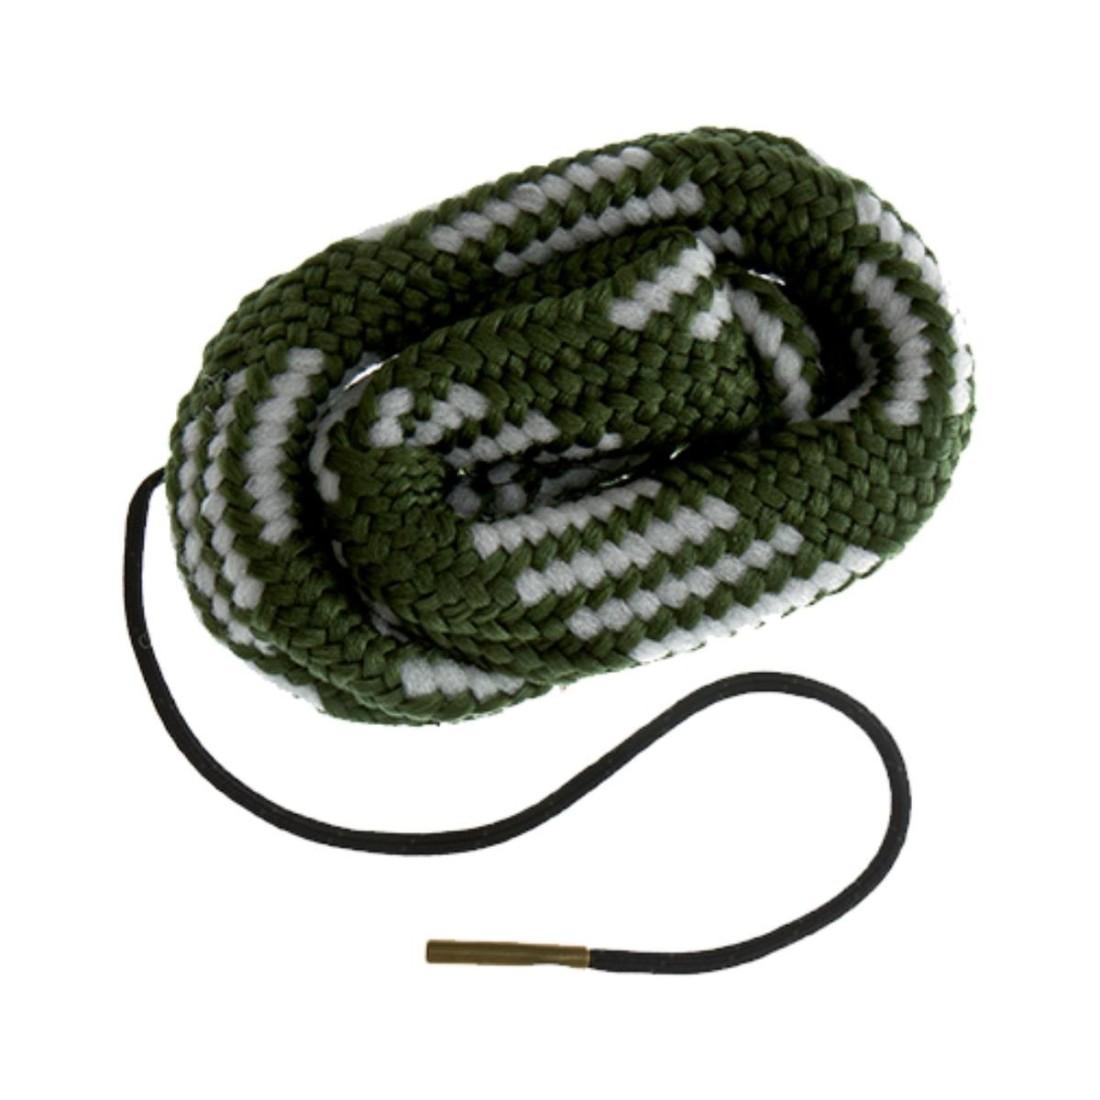 Bore Snake - Carabina - BUSHNELL